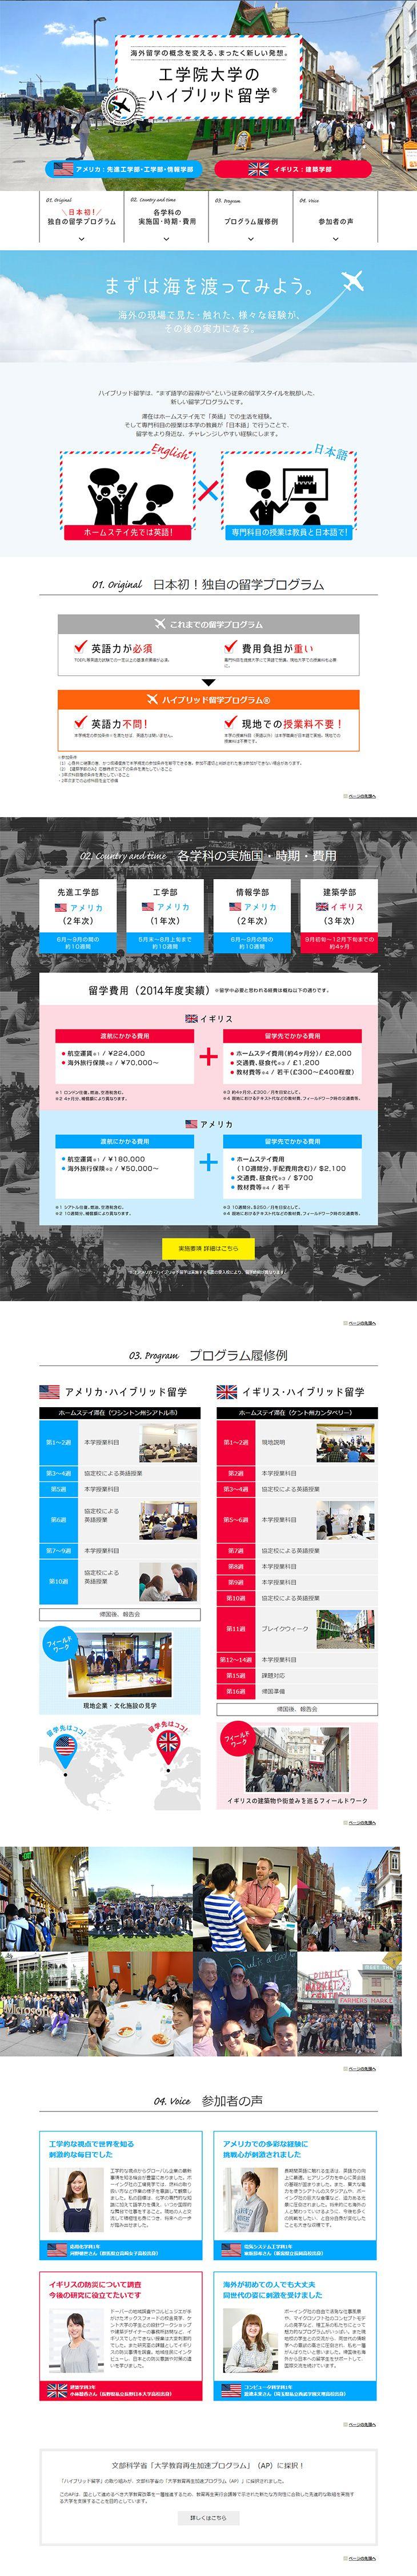 工学院大学のハイブリッド留学【サービス関連】のLPデザイン。WEBデザイナーさん必見!ランディングページのデザイン参考に(シンプル系)